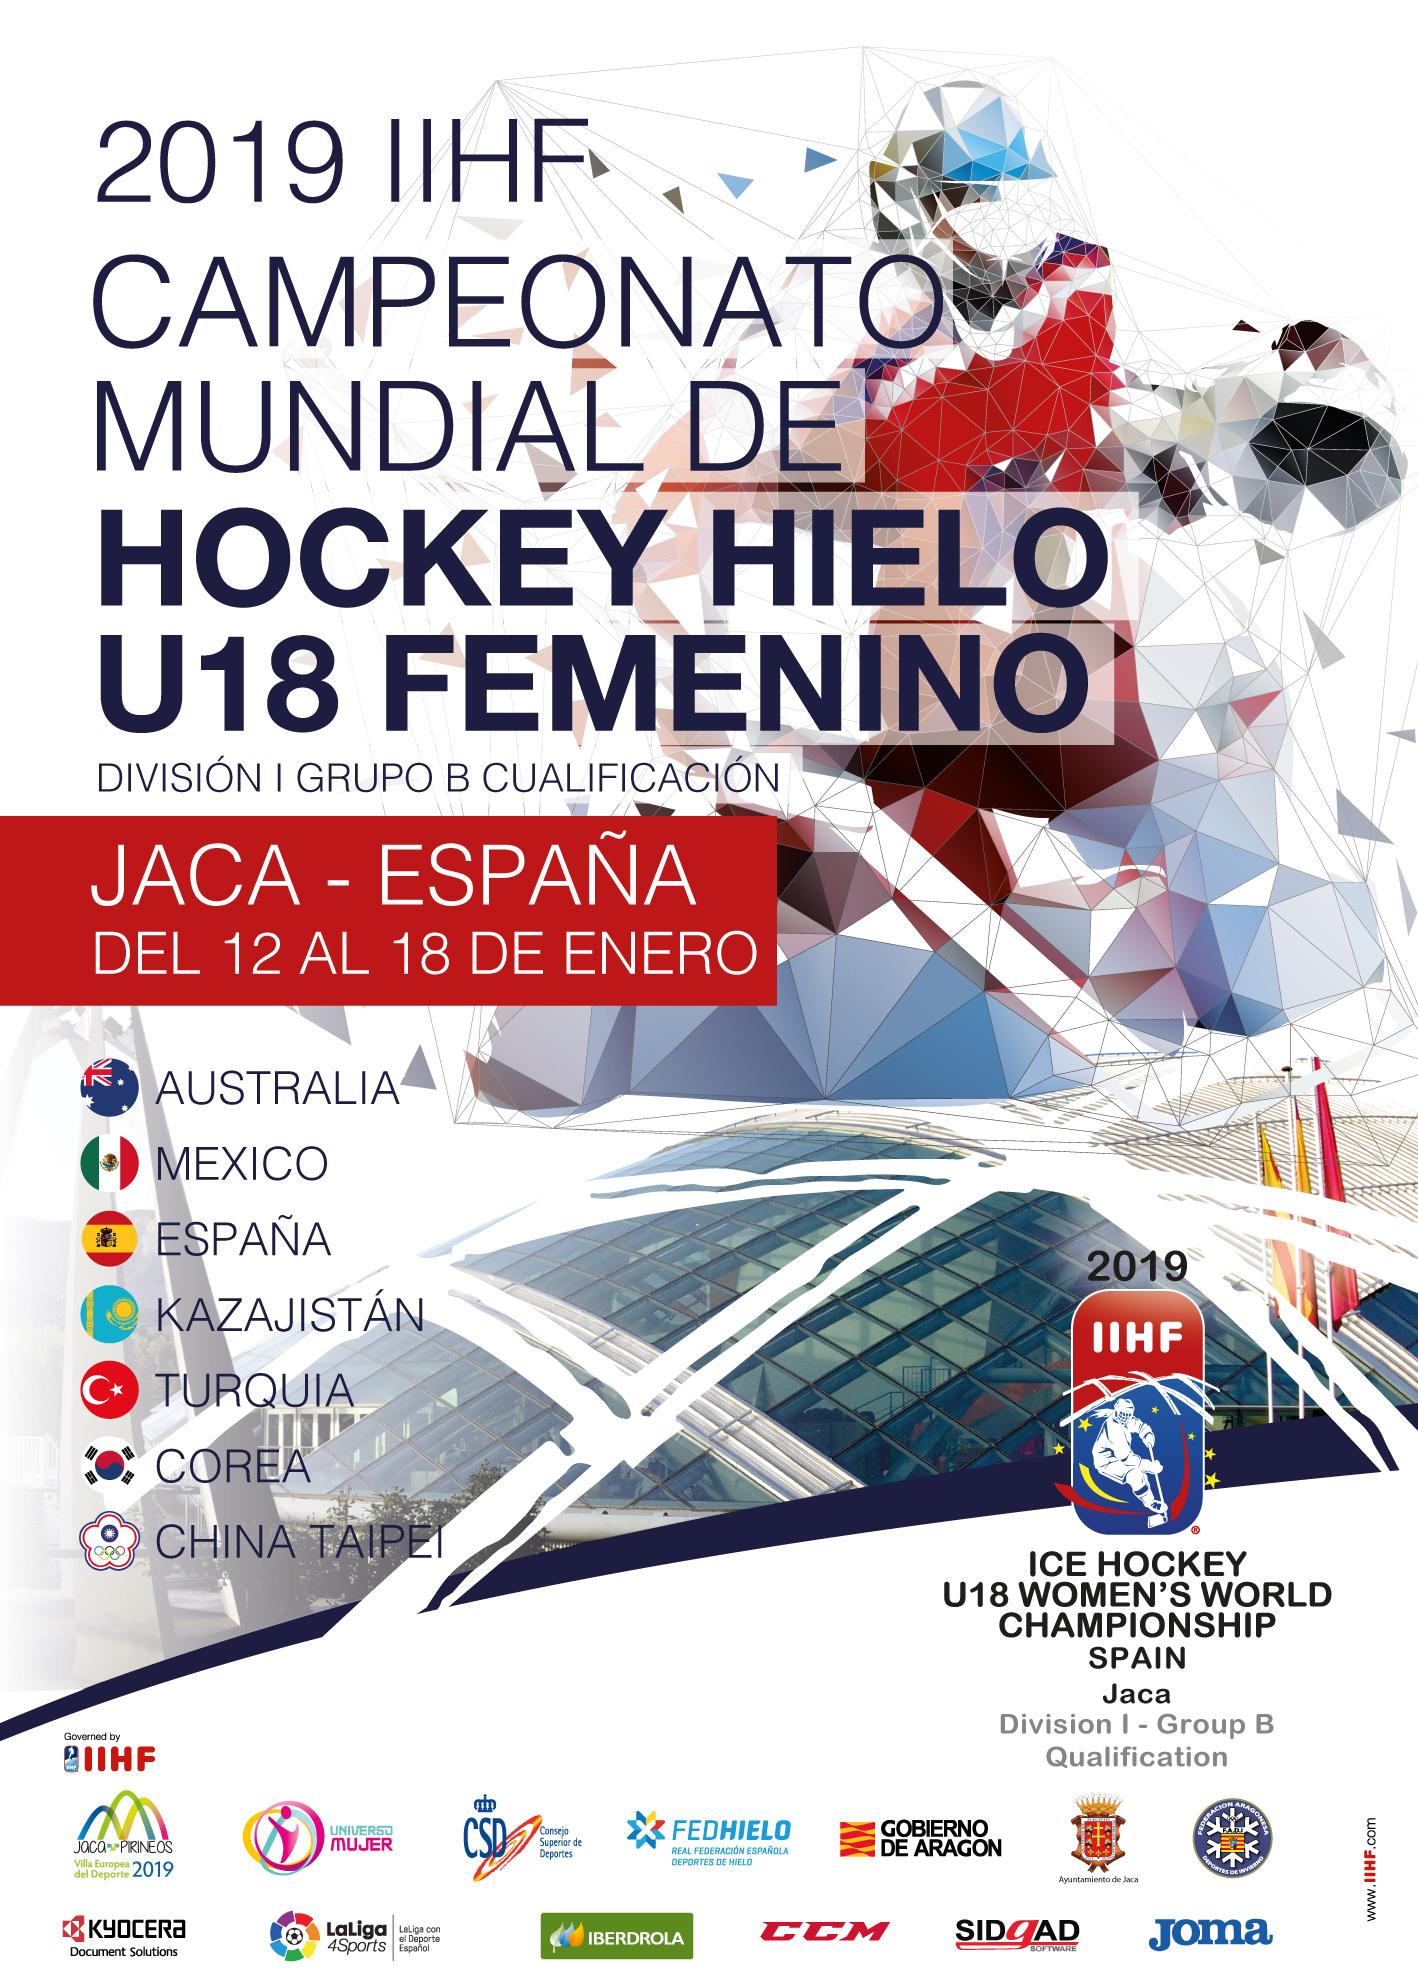 Entradas Gratuitas Mundial de Hockey Hielo U18 femenino en Jaca